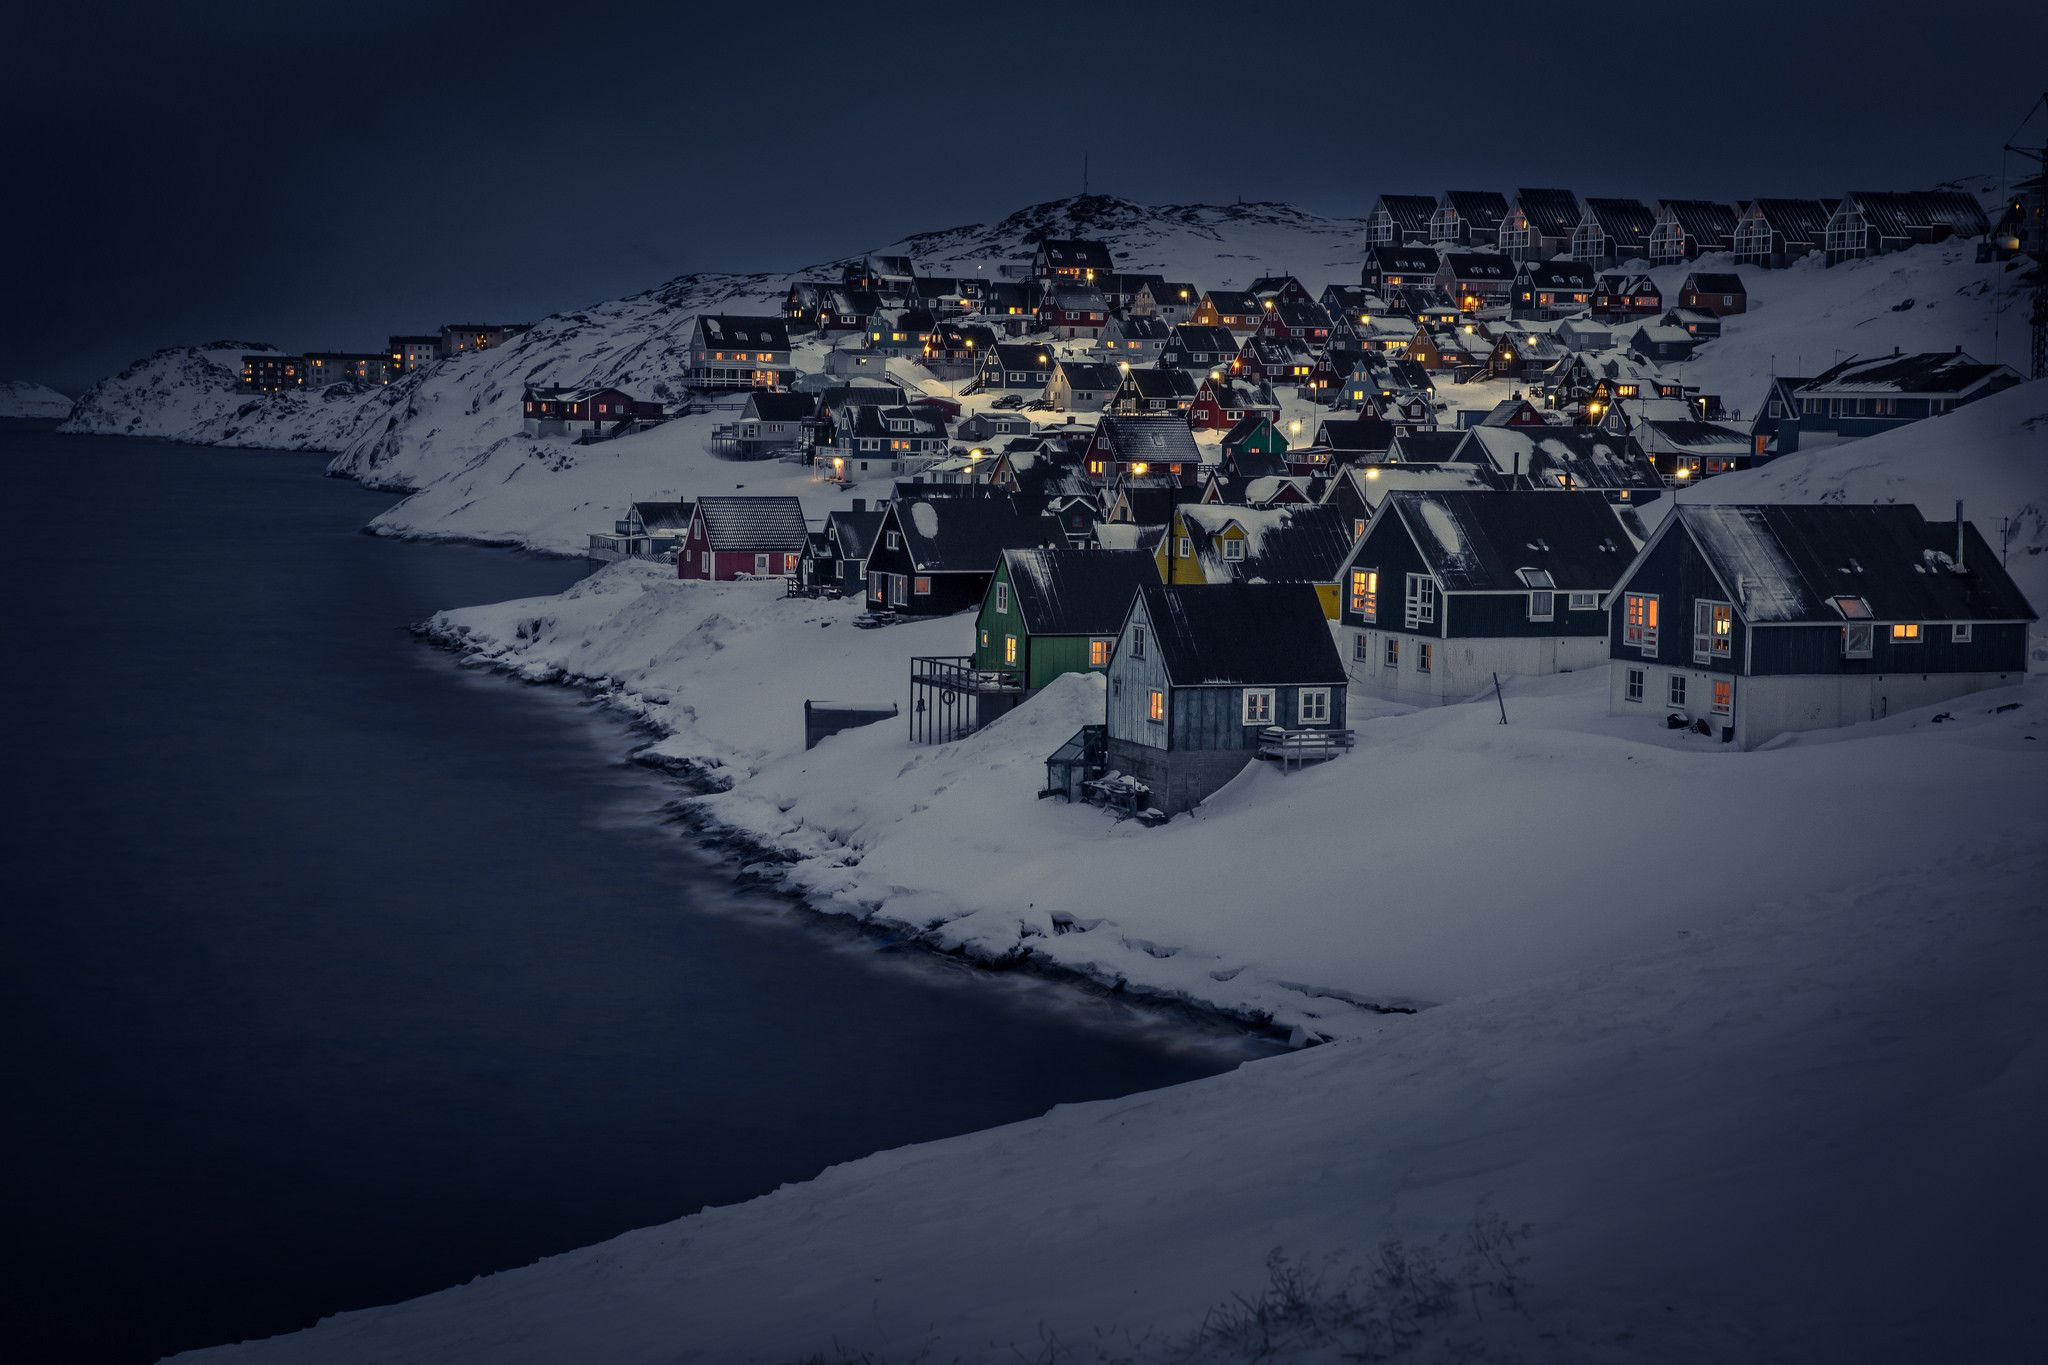 países con noches blancas groenlandia noche